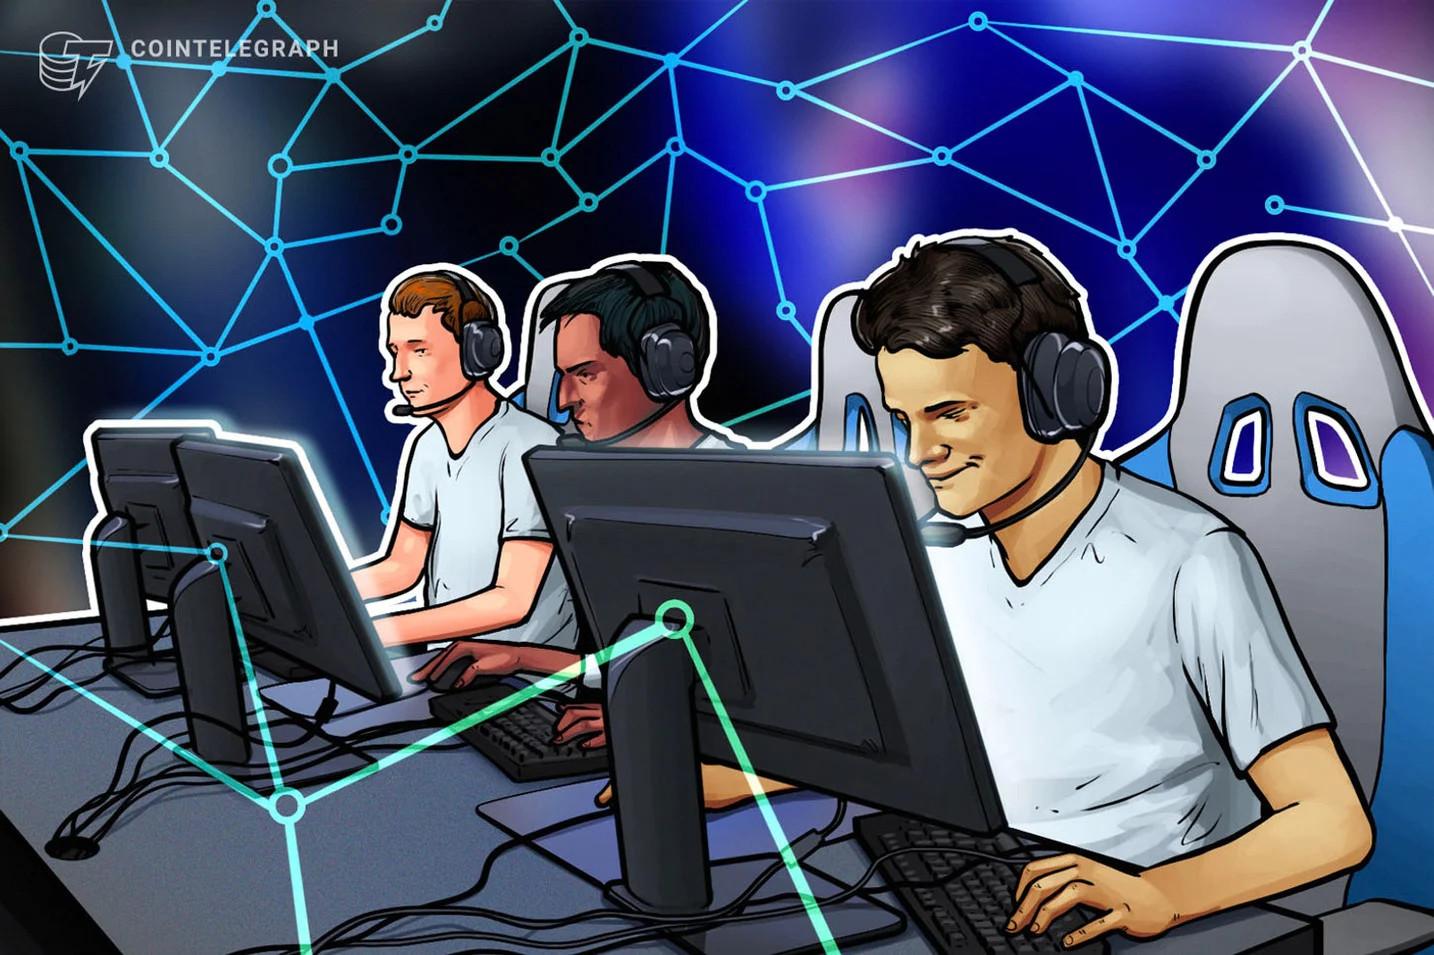 블록체인ID '카이보 키핀'으로 게임 아이템 산다